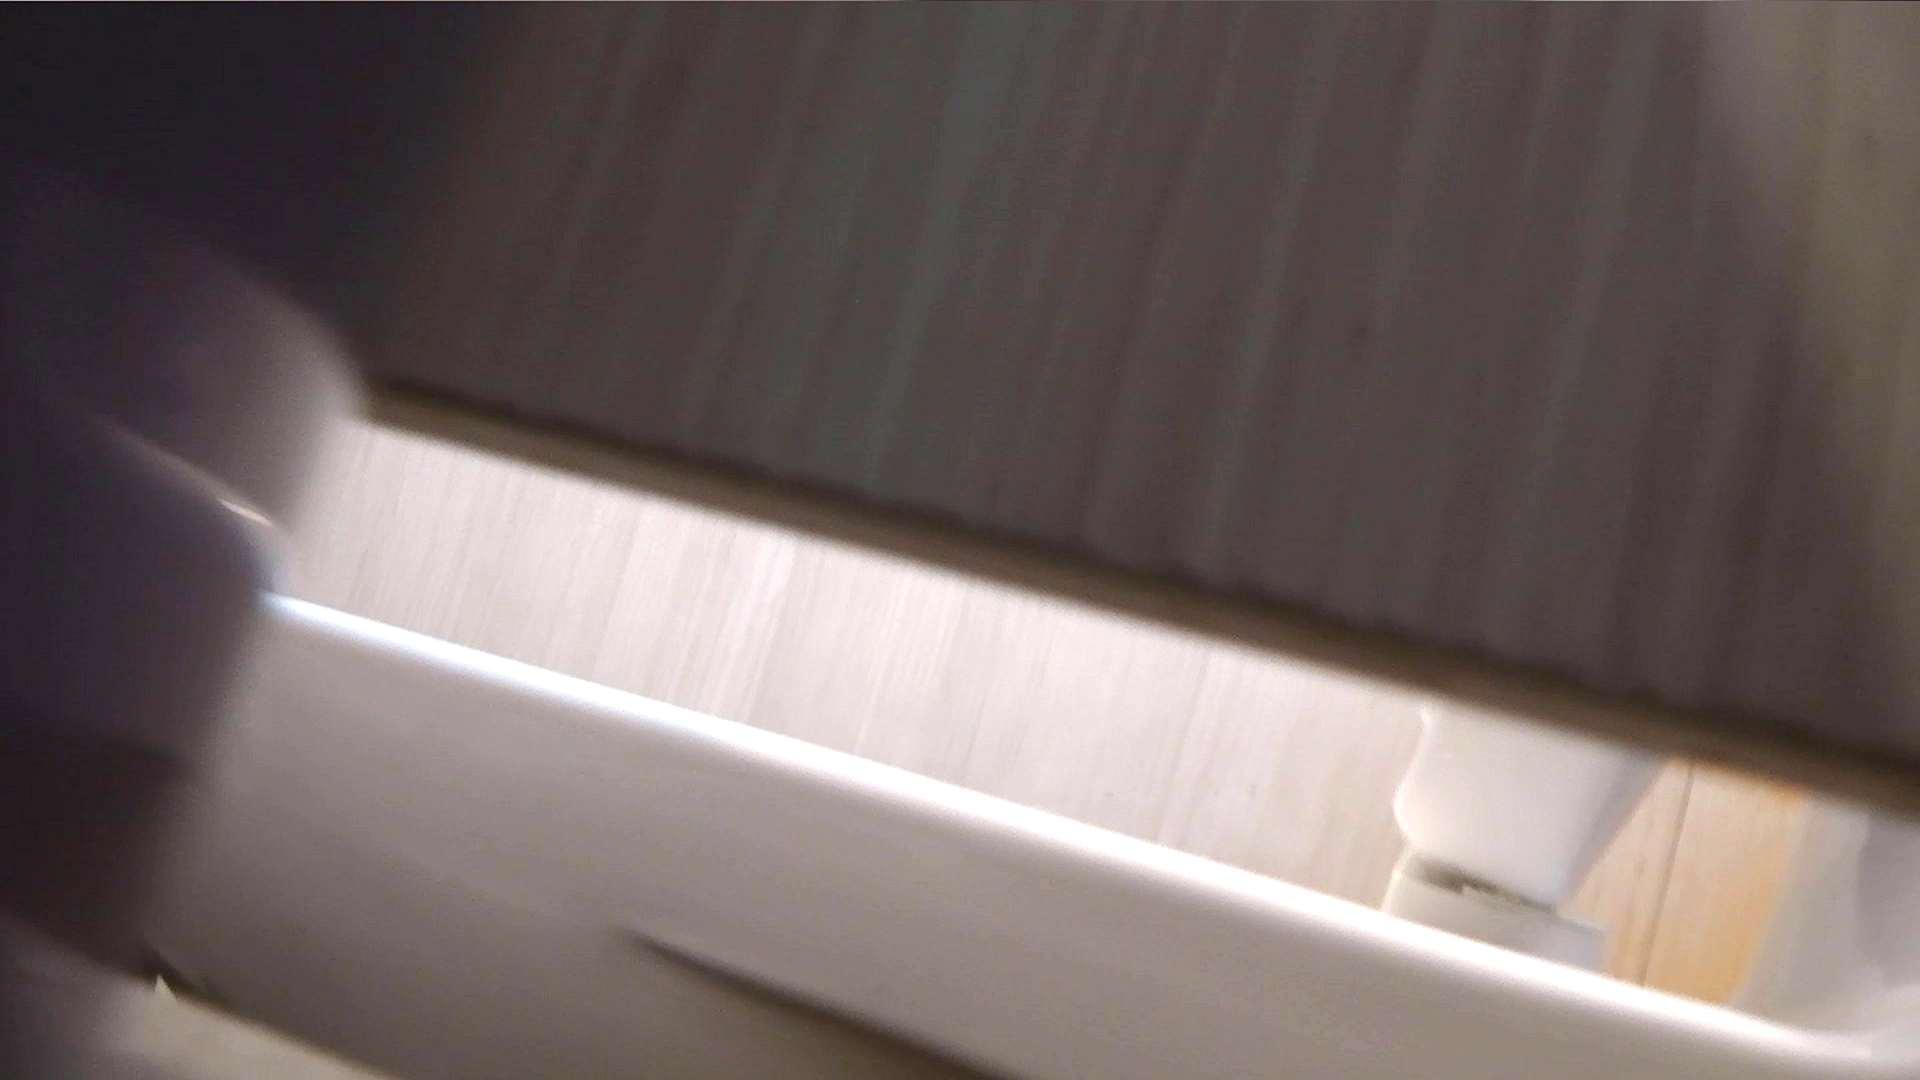 阿国ちゃんの「和式洋式七変化」No.3 洗面所  29pic 24